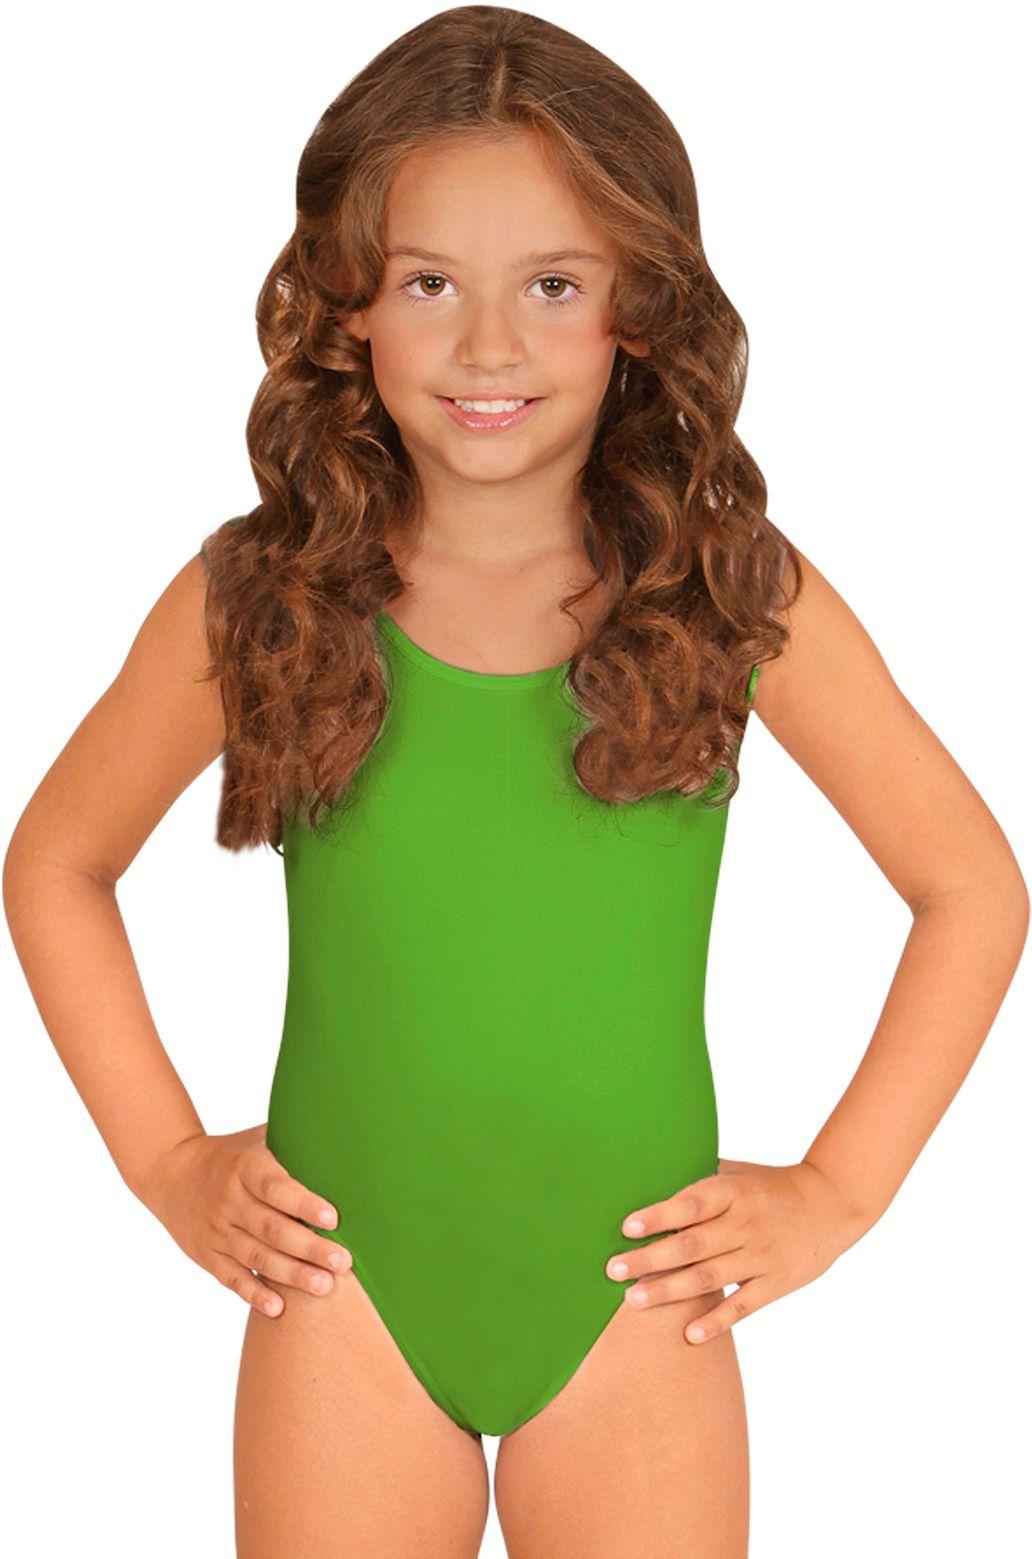 Groen turnpakje meisjes